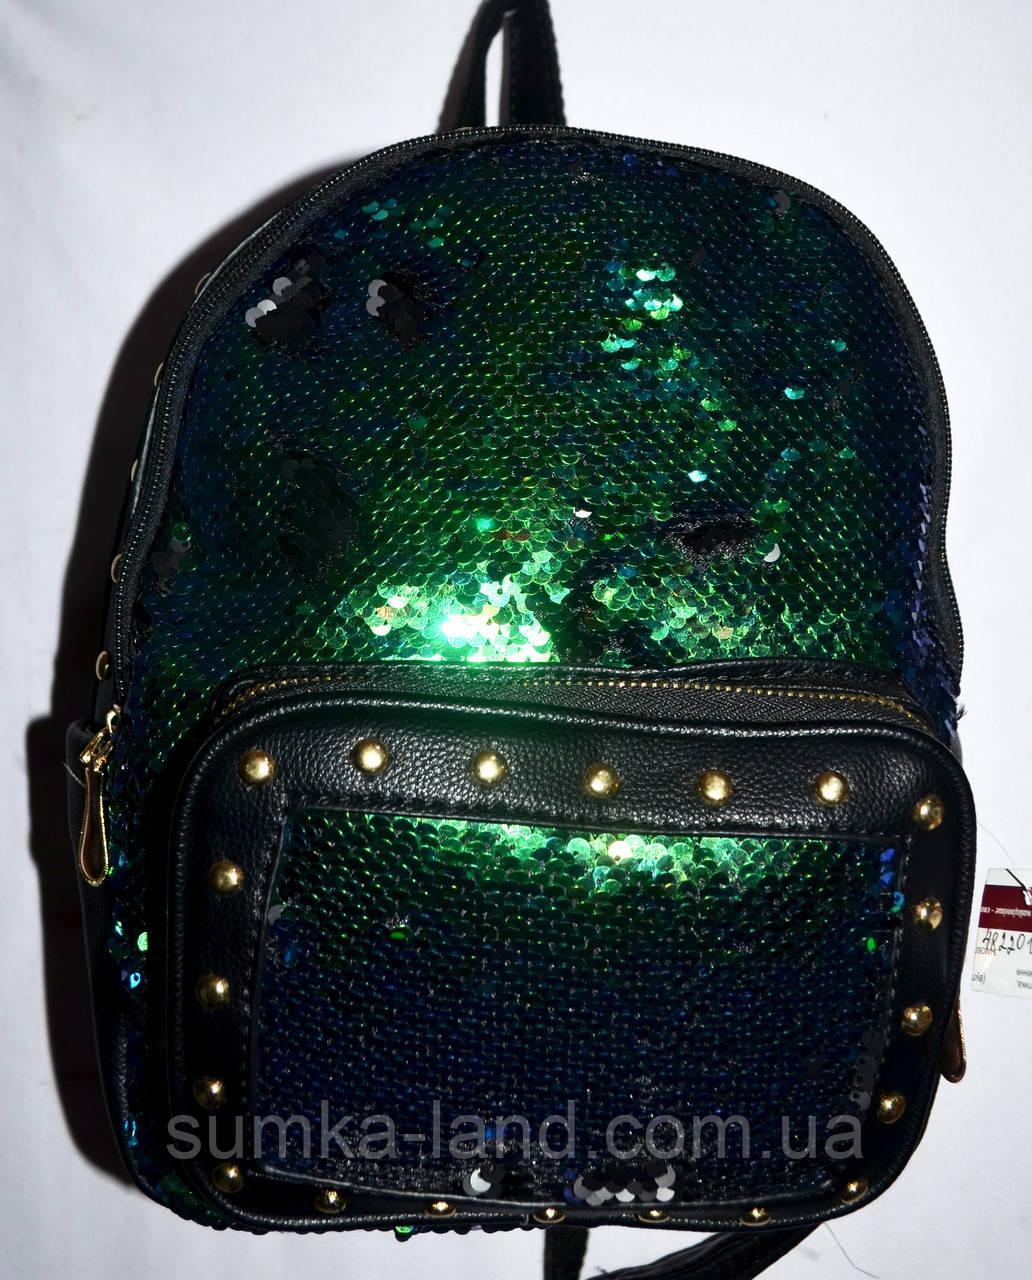 7a6b7eb097e0 Женский рюкзак с пайетками зеленый 22*28 см: продажа, цена в ...